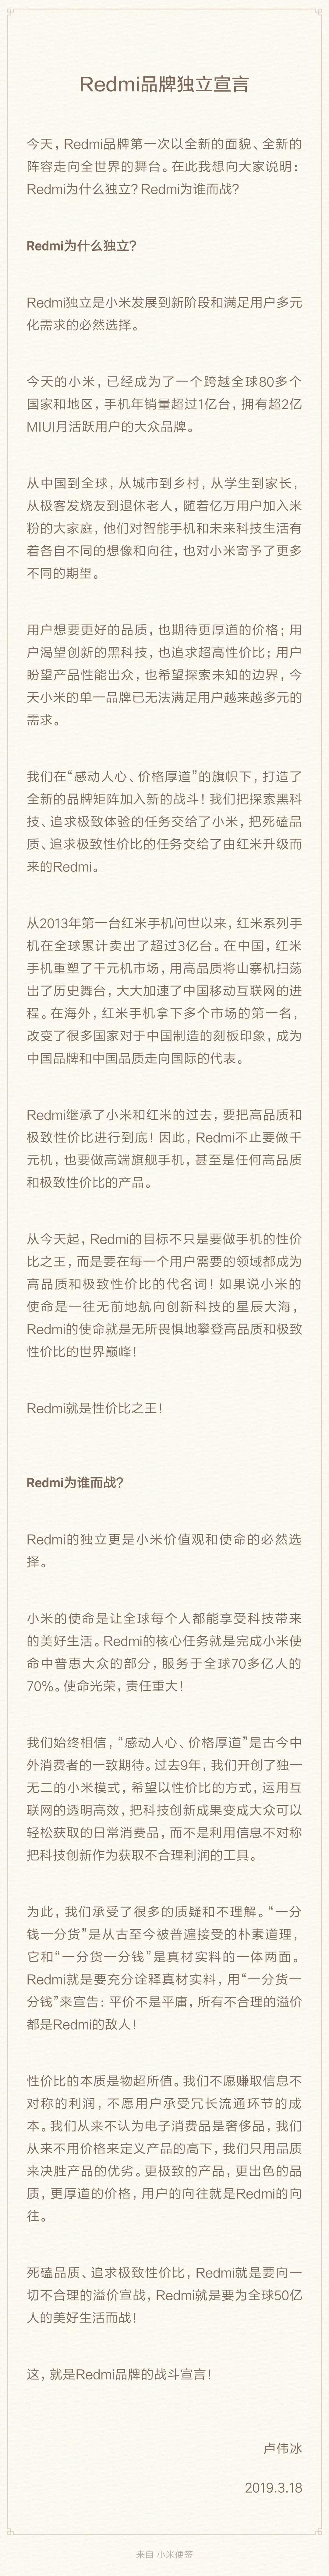 振奋!Redmi的使命是什么?卢伟冰发表万字长文诠释Redmi独立使命